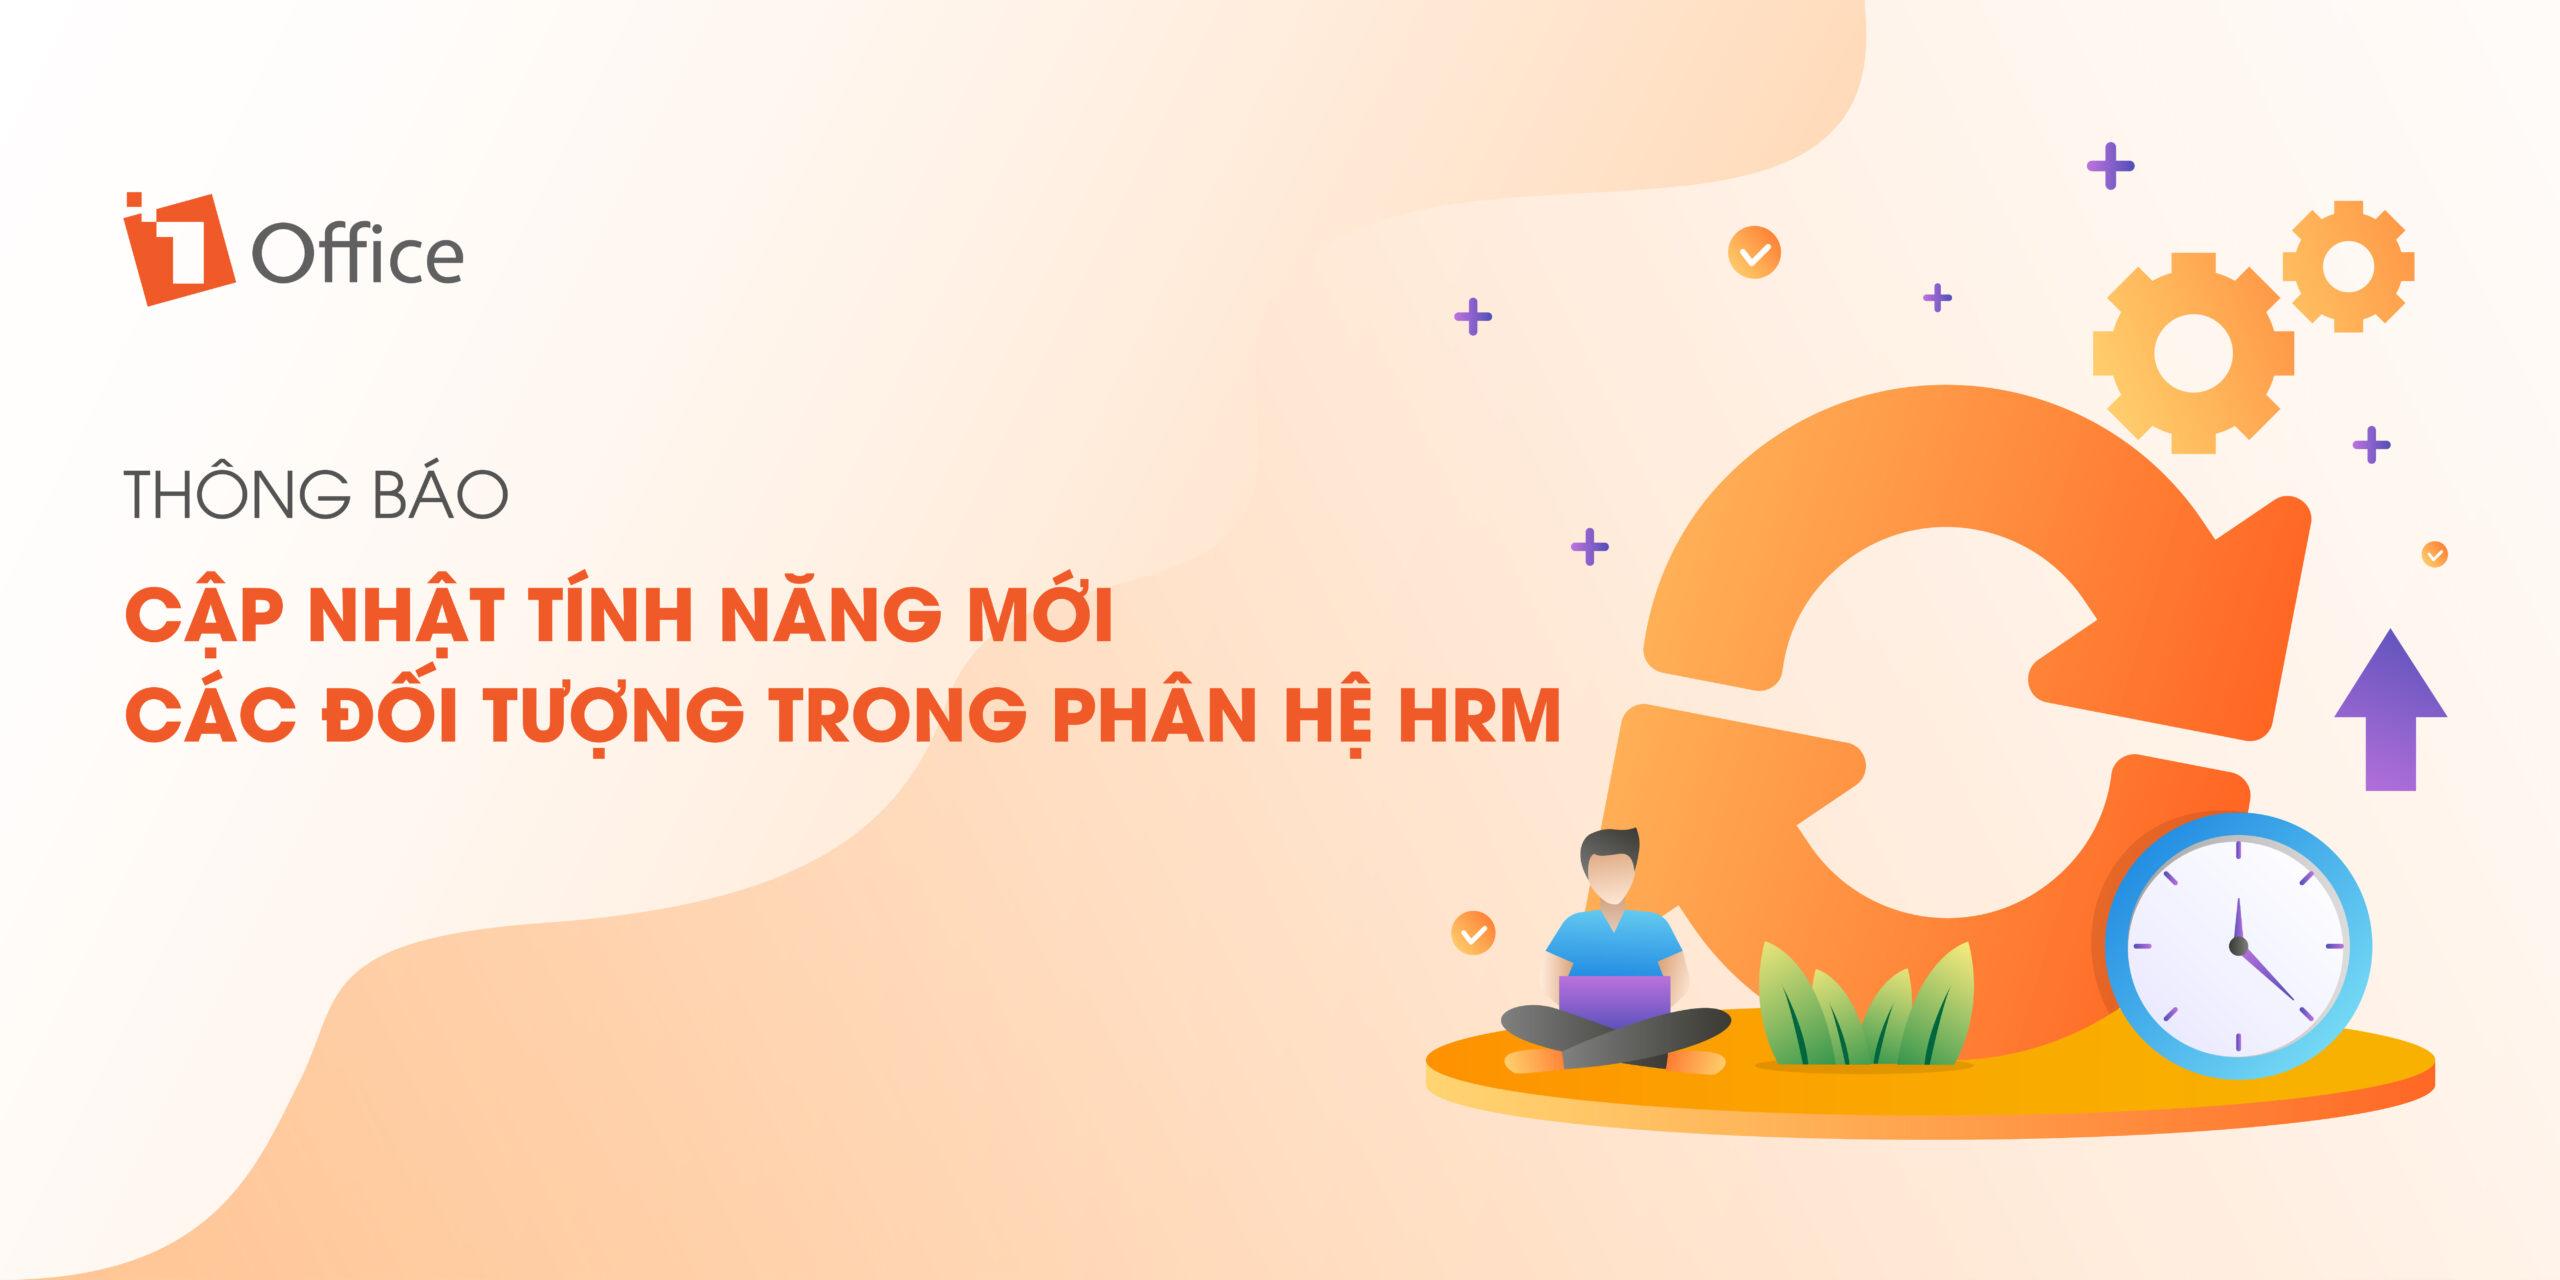 [1OFFICE] NÂNG CẤP TÍNH NĂNG MỚI CỦA CÁC ĐỐI TƯỢNG TRONG PHÂN HỆ HRM